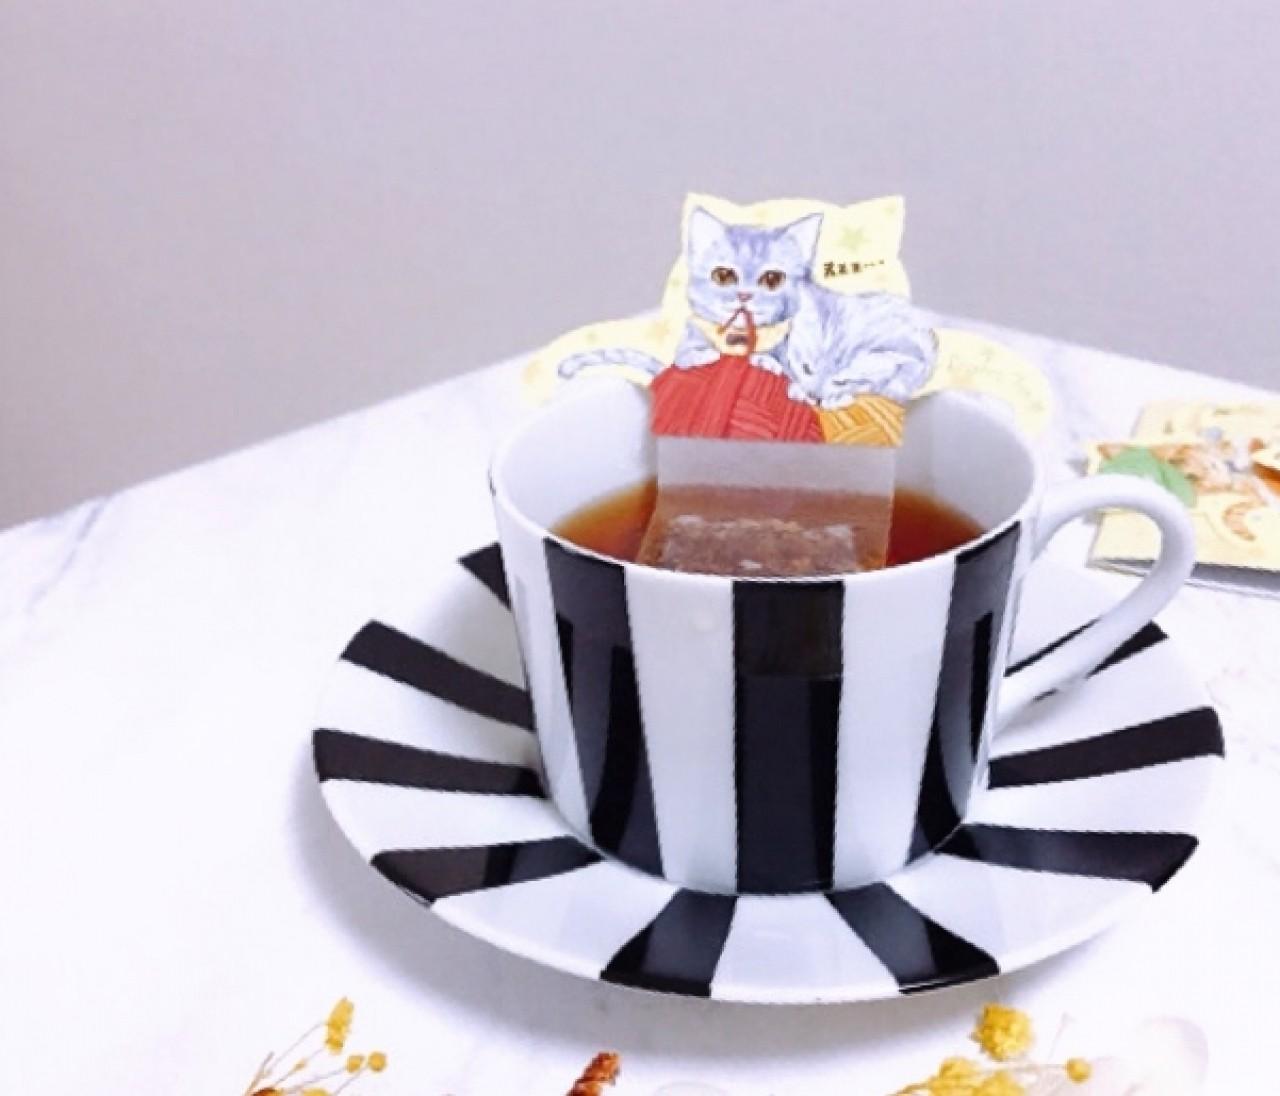 おうちで猫カフェ気分?!猫好きさん必見!可愛すぎるルイボス茶